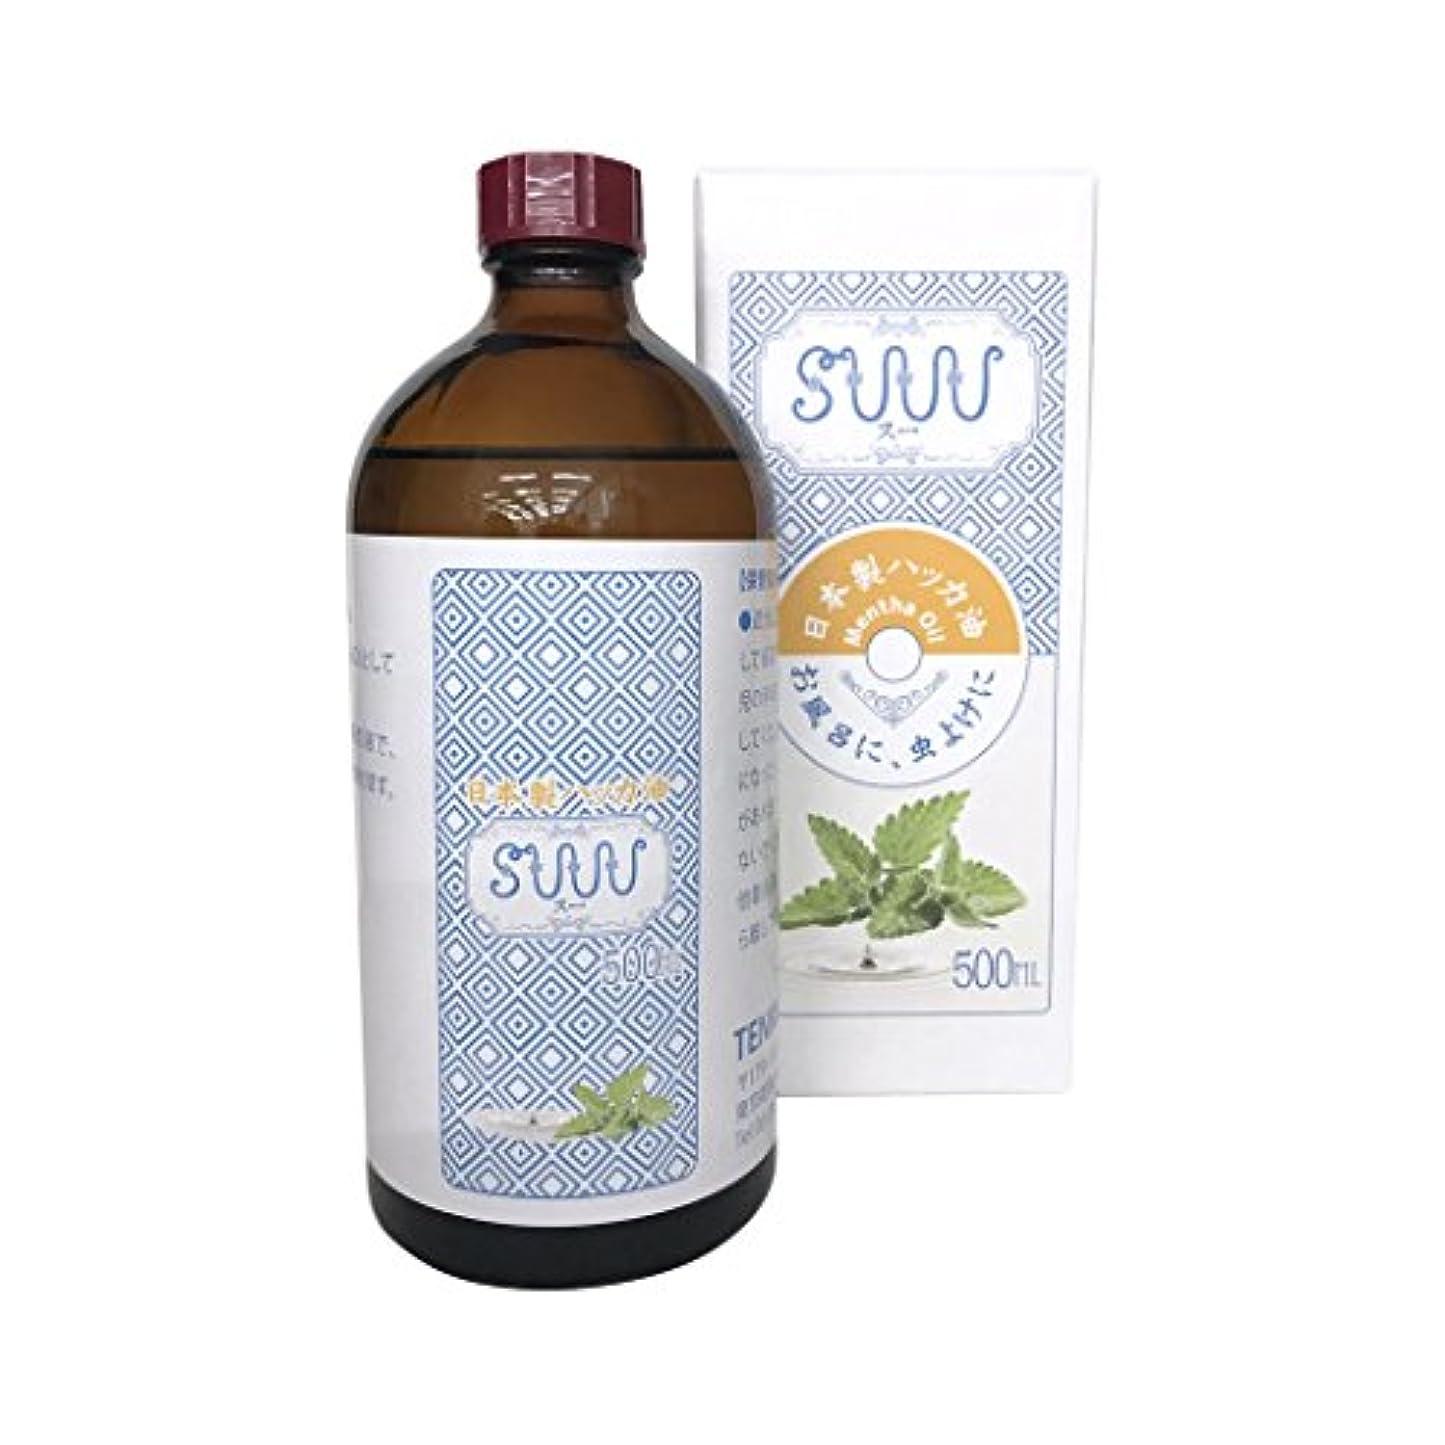 二十藤色コールド【日本製】 ハッカ油 500ml (ハッカ油のSUUU)